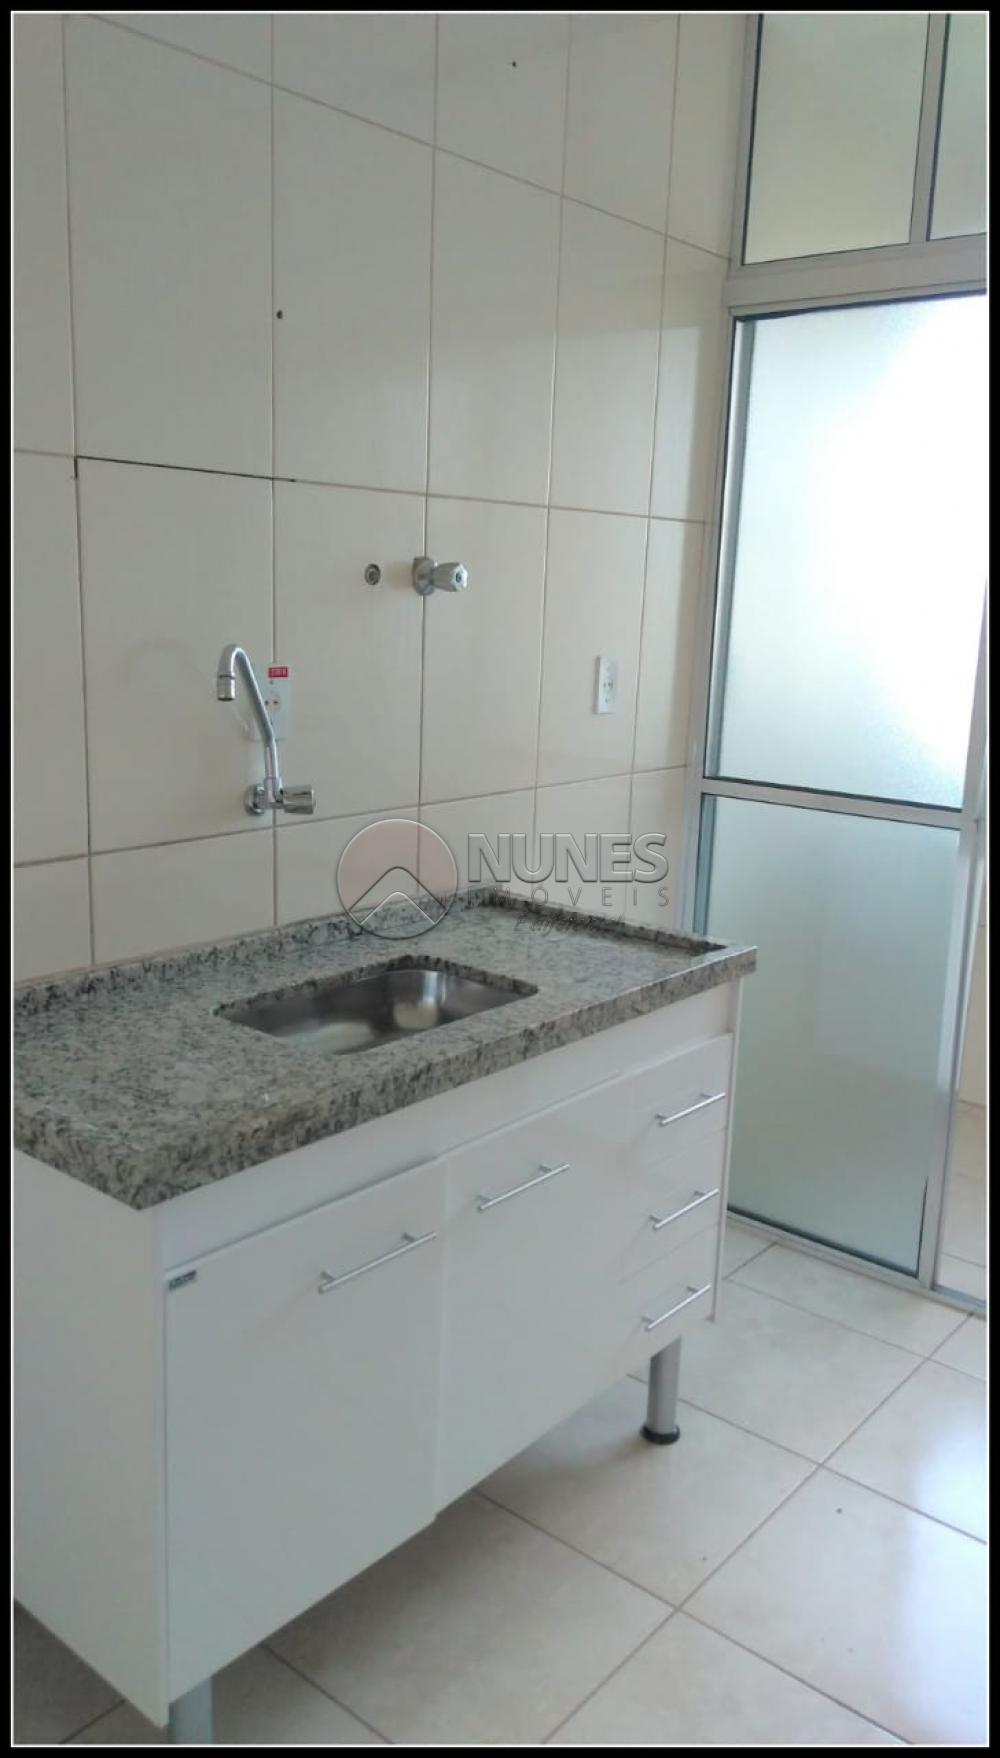 Comprar Apartamento / Padrão em São Paulo apenas R$ 280.000,00 - Foto 15